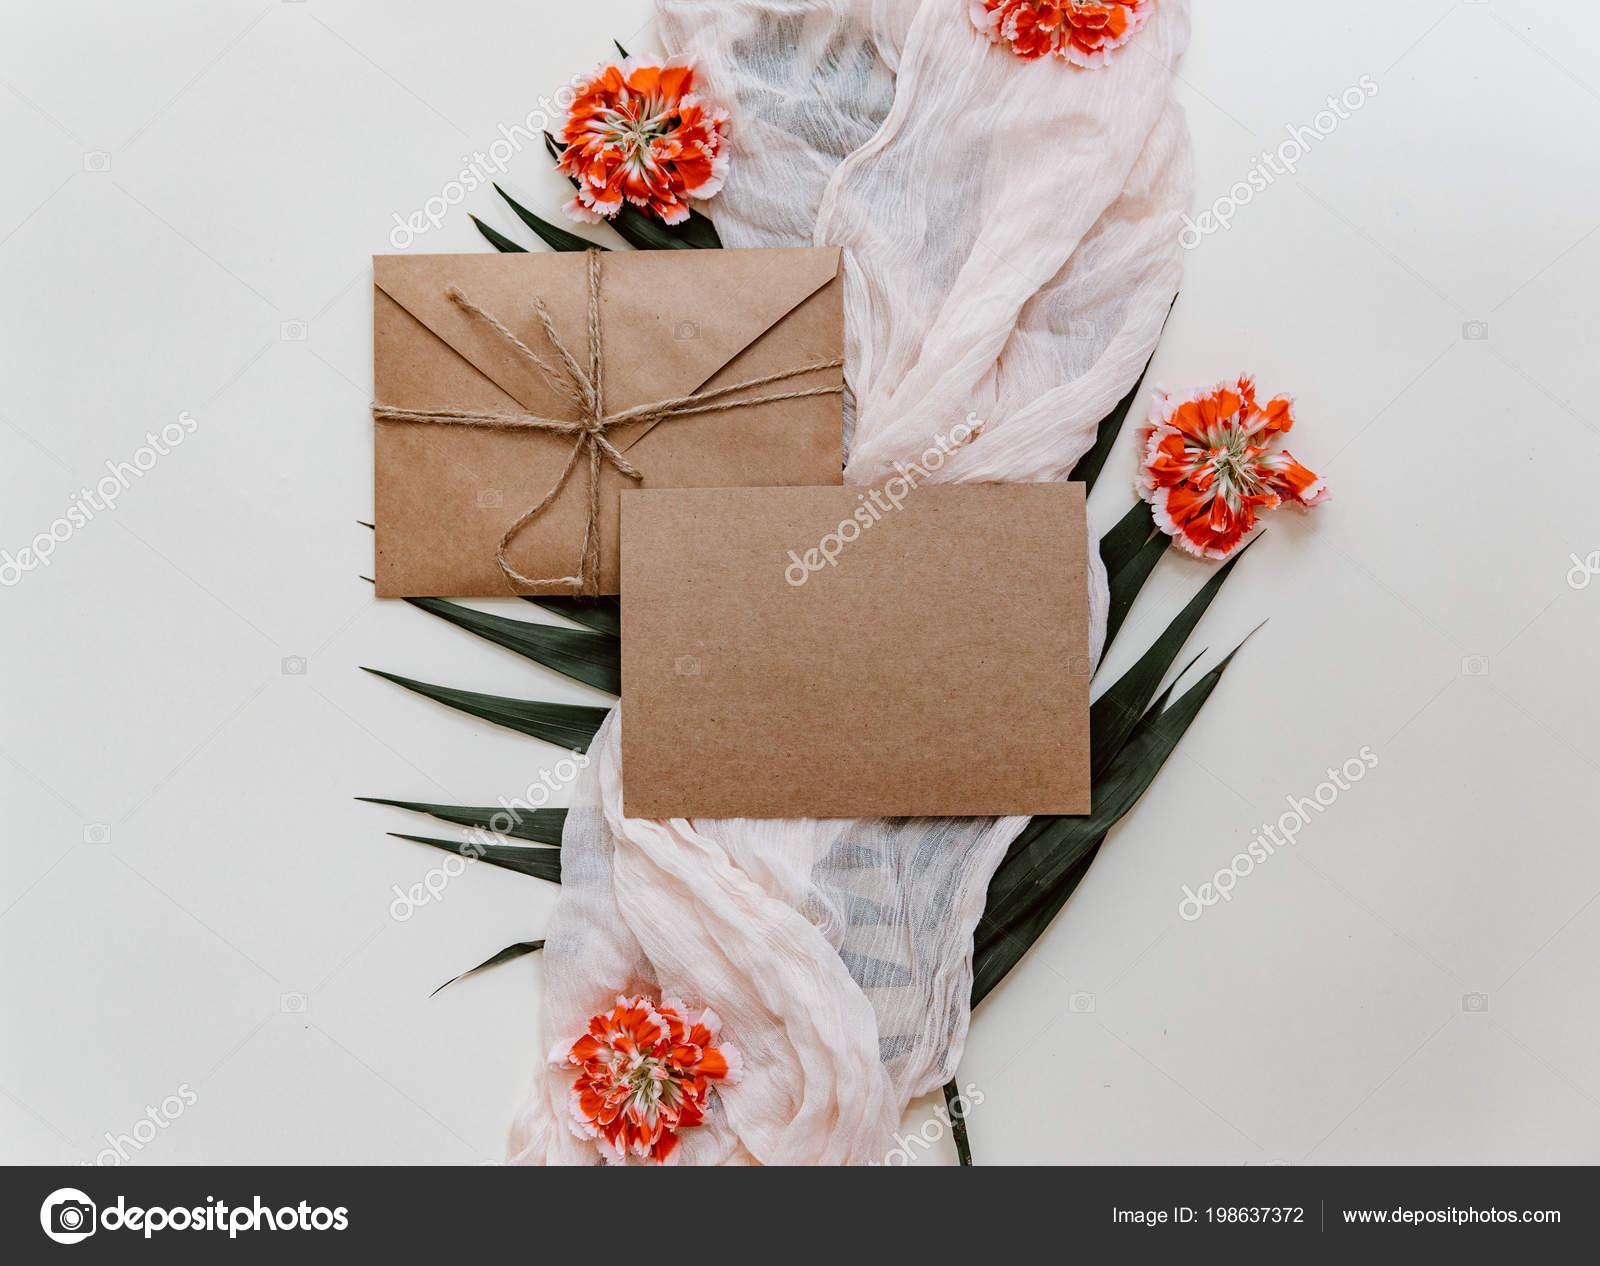 Wedding invitation card greetings card craft envelope flowers flat wedding invitation card greetings card craft envelope flowers flat lay fotografia de stock stopboris Choice Image